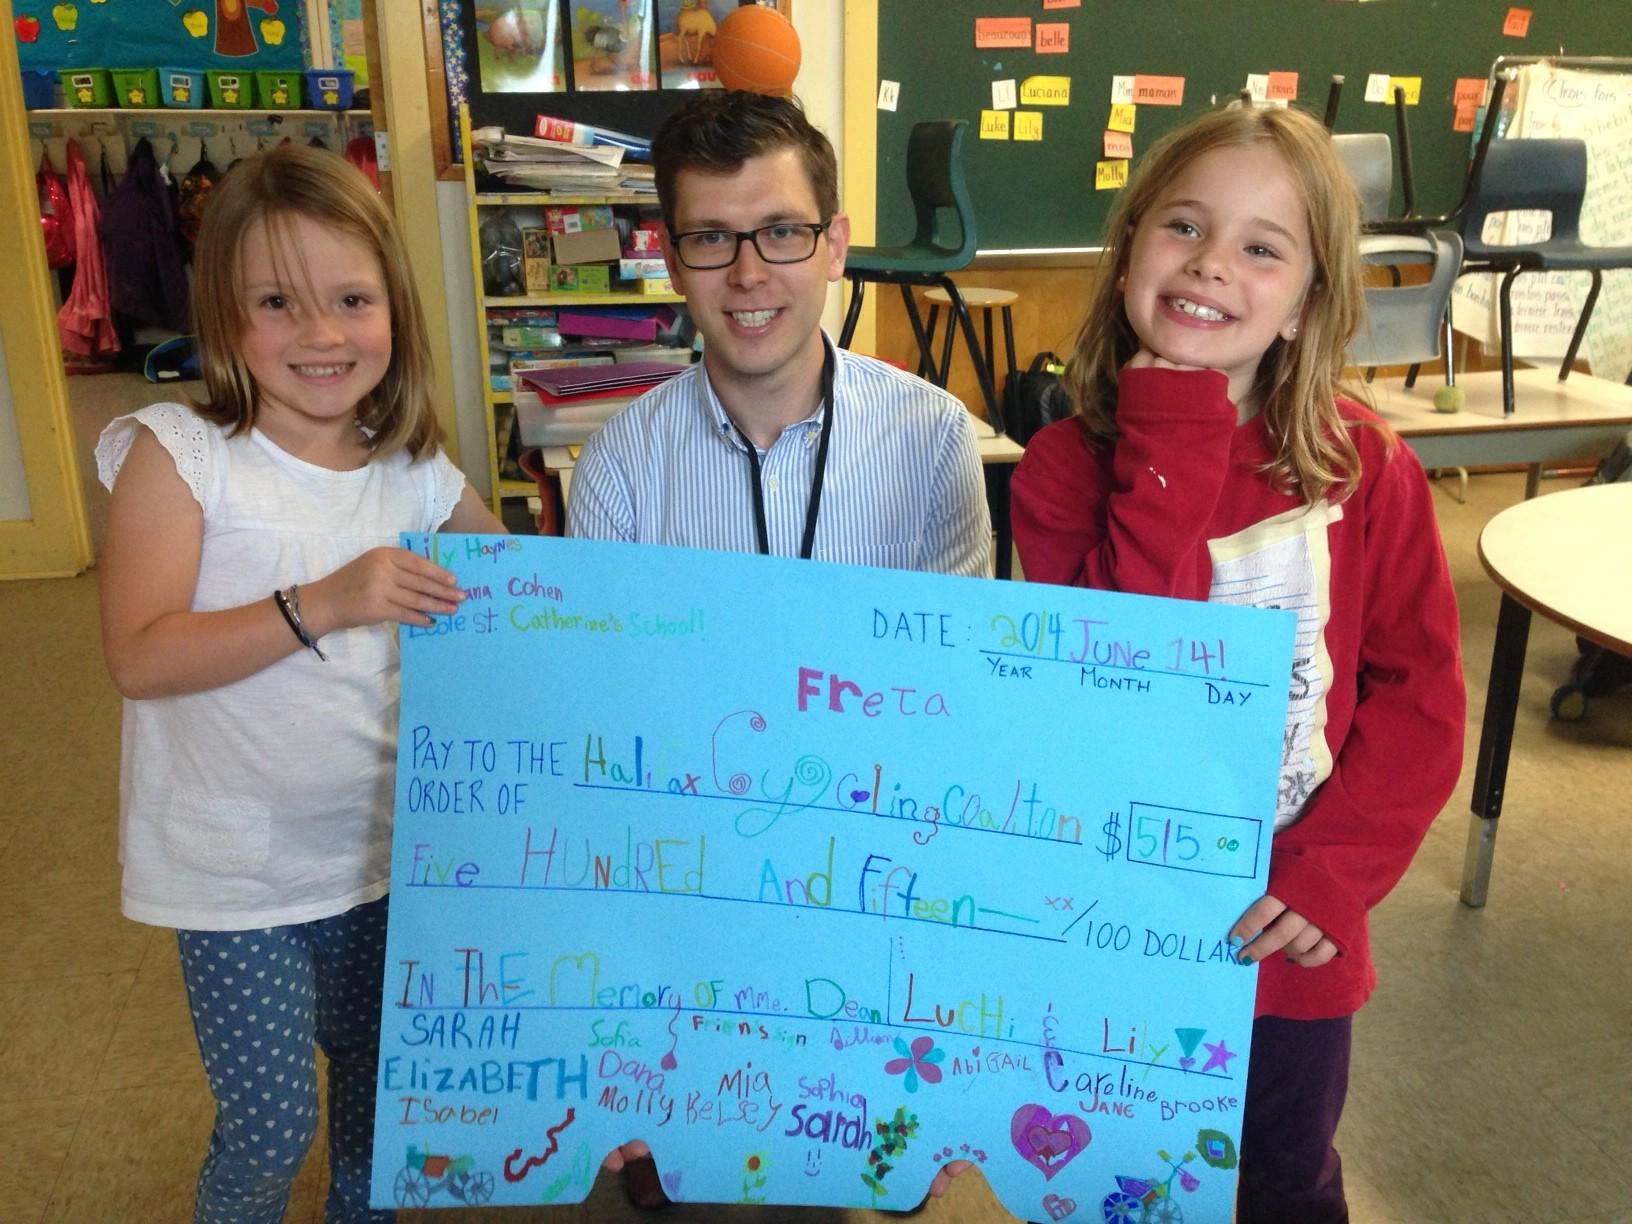 Luci & Lily raise money for Johanna Dean